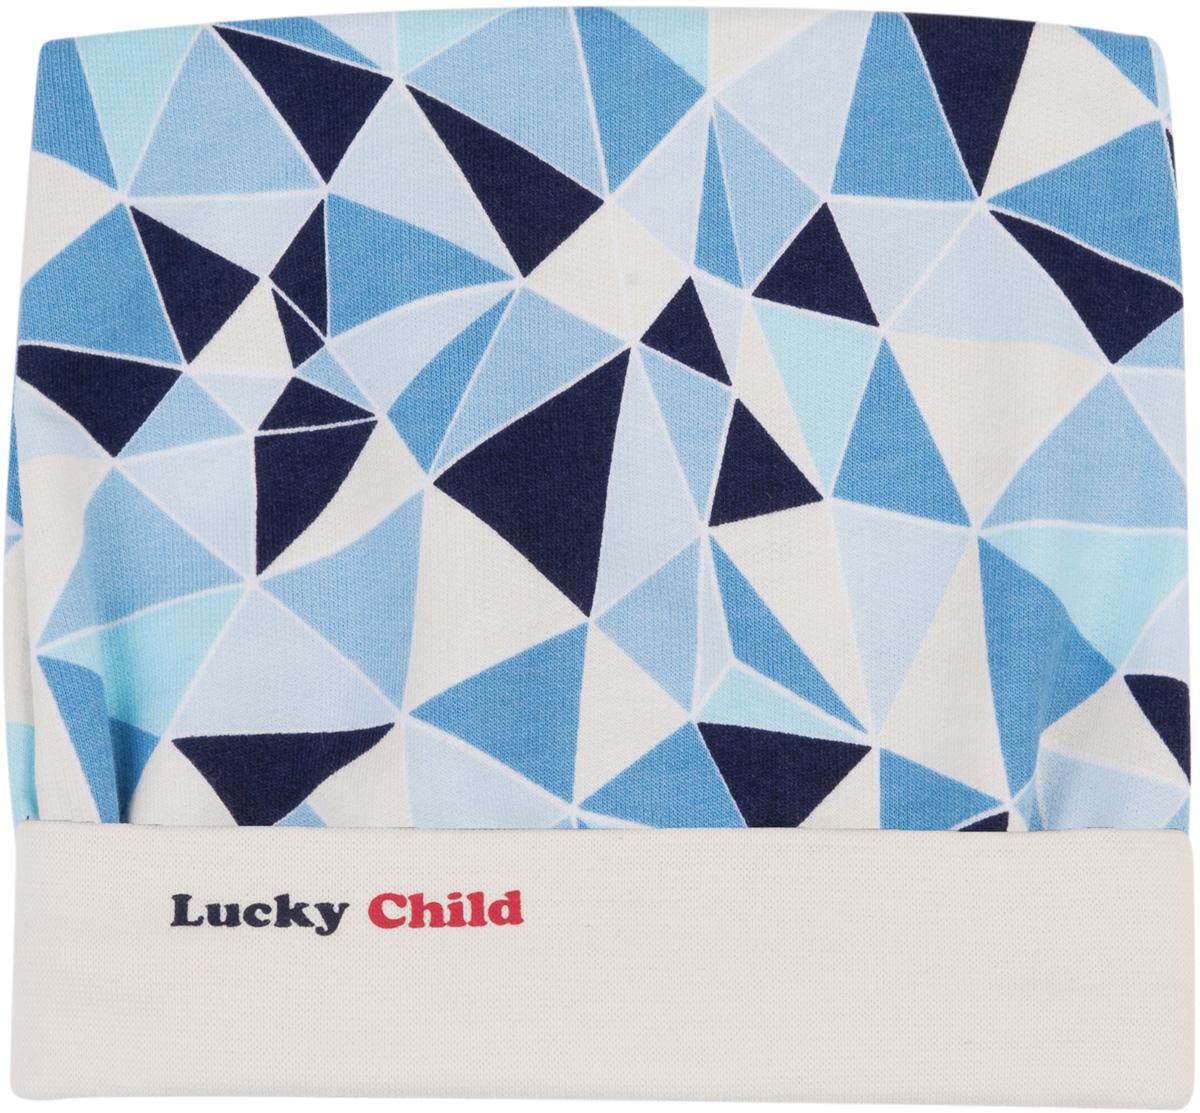 Шапочка для мальчика Lucky Child, цвет: голубой, синий. 32-9ф. Размер 3832-9фШапочка выполнена из футера высшего качества, благодаря этому она будет держать форму и не выцветать. Резиночки этой модели хорошо прилегают к личику малыша и обеспечивают защиту ушек от ветра и холода.